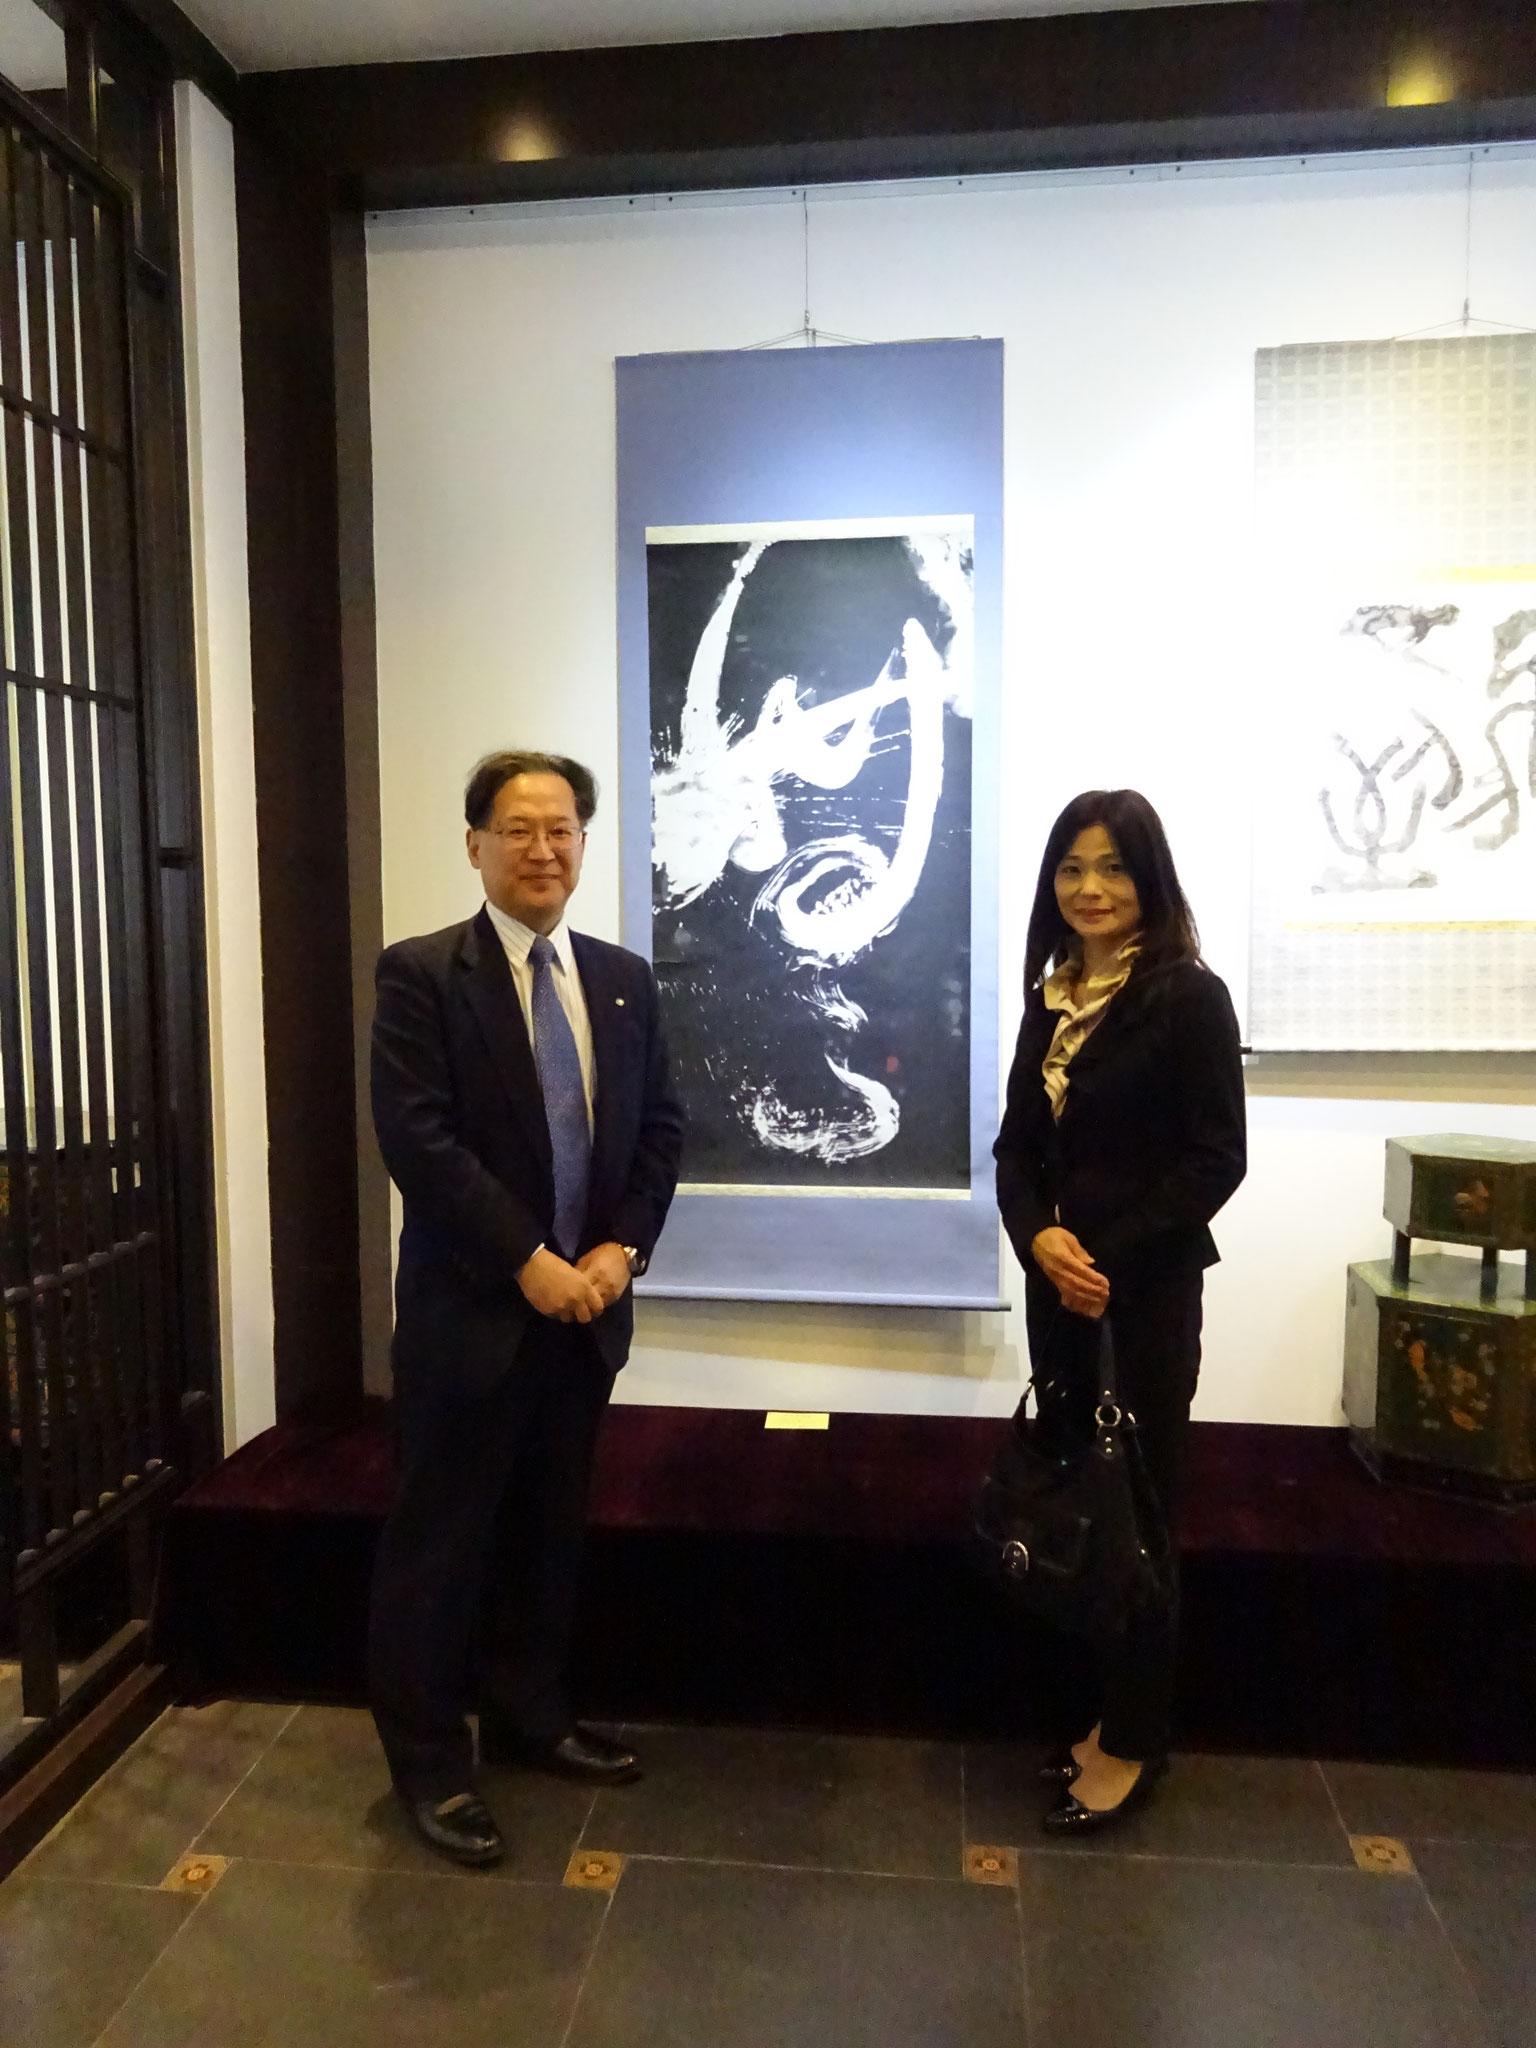 京都市と西安市の書家による書画展 2014/11/6    於西安培華学院  「無」